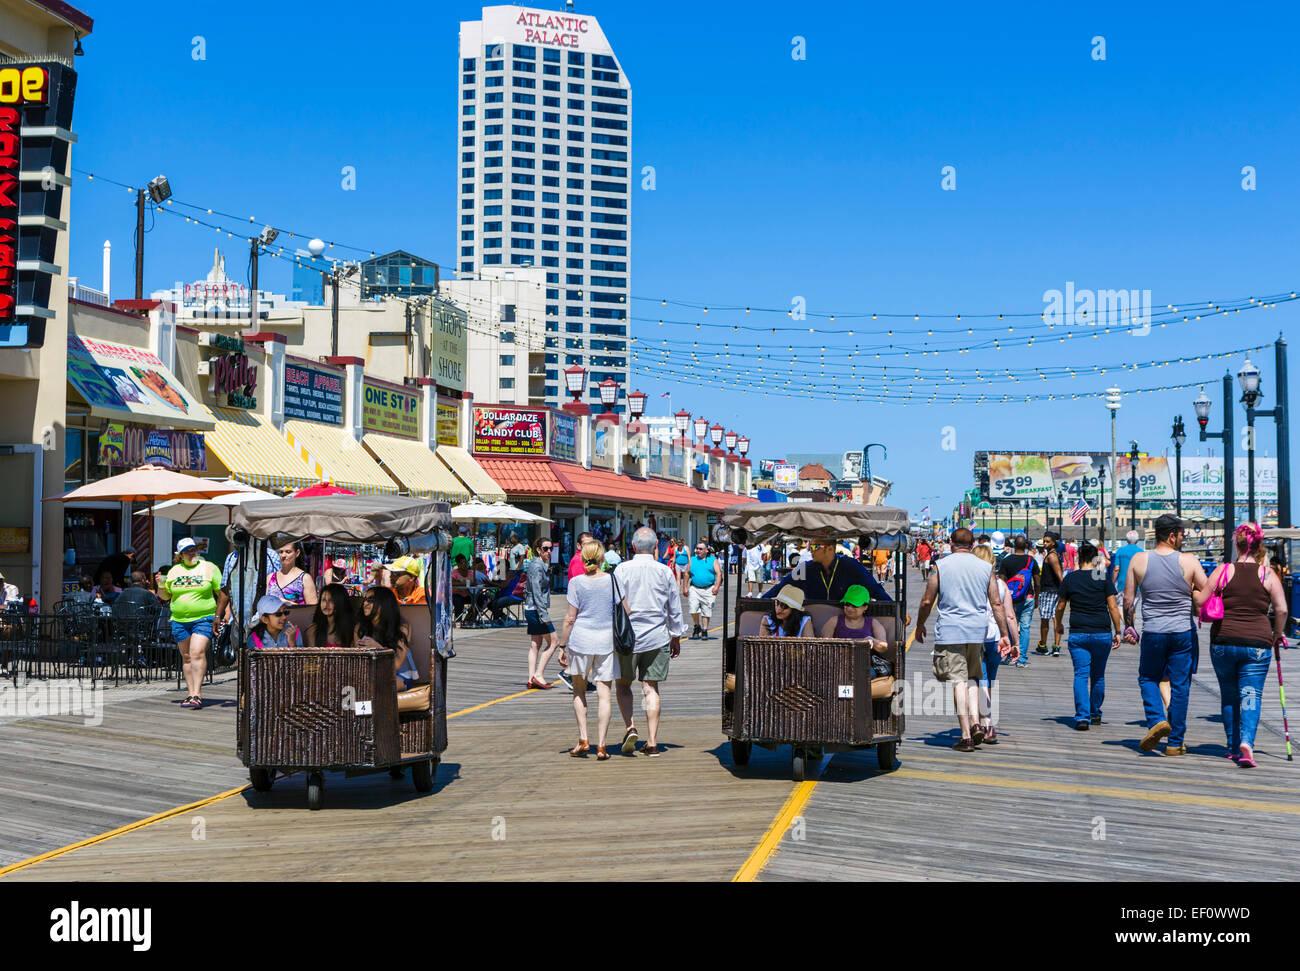 Célèbre Rolling chaises sur le Boardwalk à Atlantic City, New Jersey, USA Photo Stock